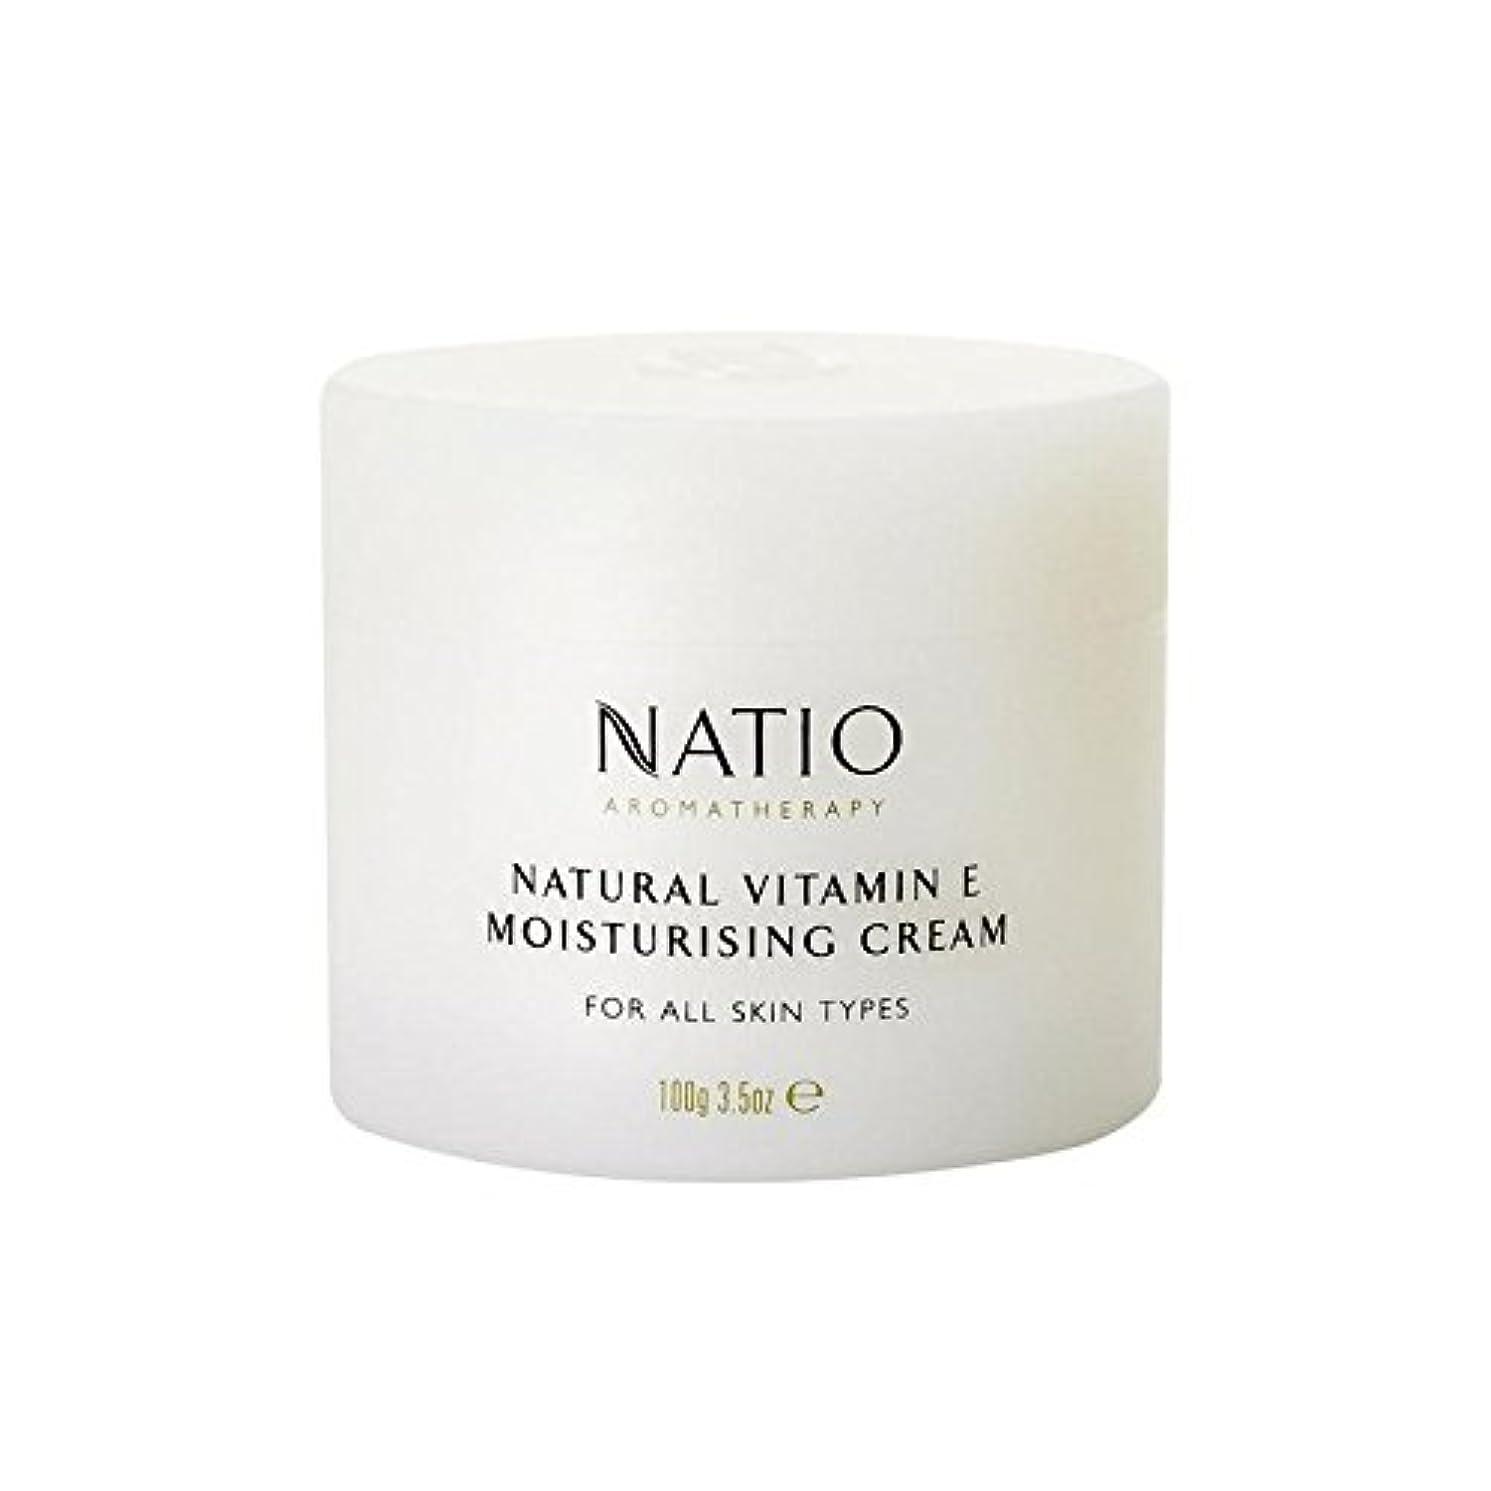 リーチ弱点進化する[Natio] Natio天然ビタミンEの保湿クリーム(100グラム) - Natio Natural Vitamin E Moisturising Cream (100G) [並行輸入品]